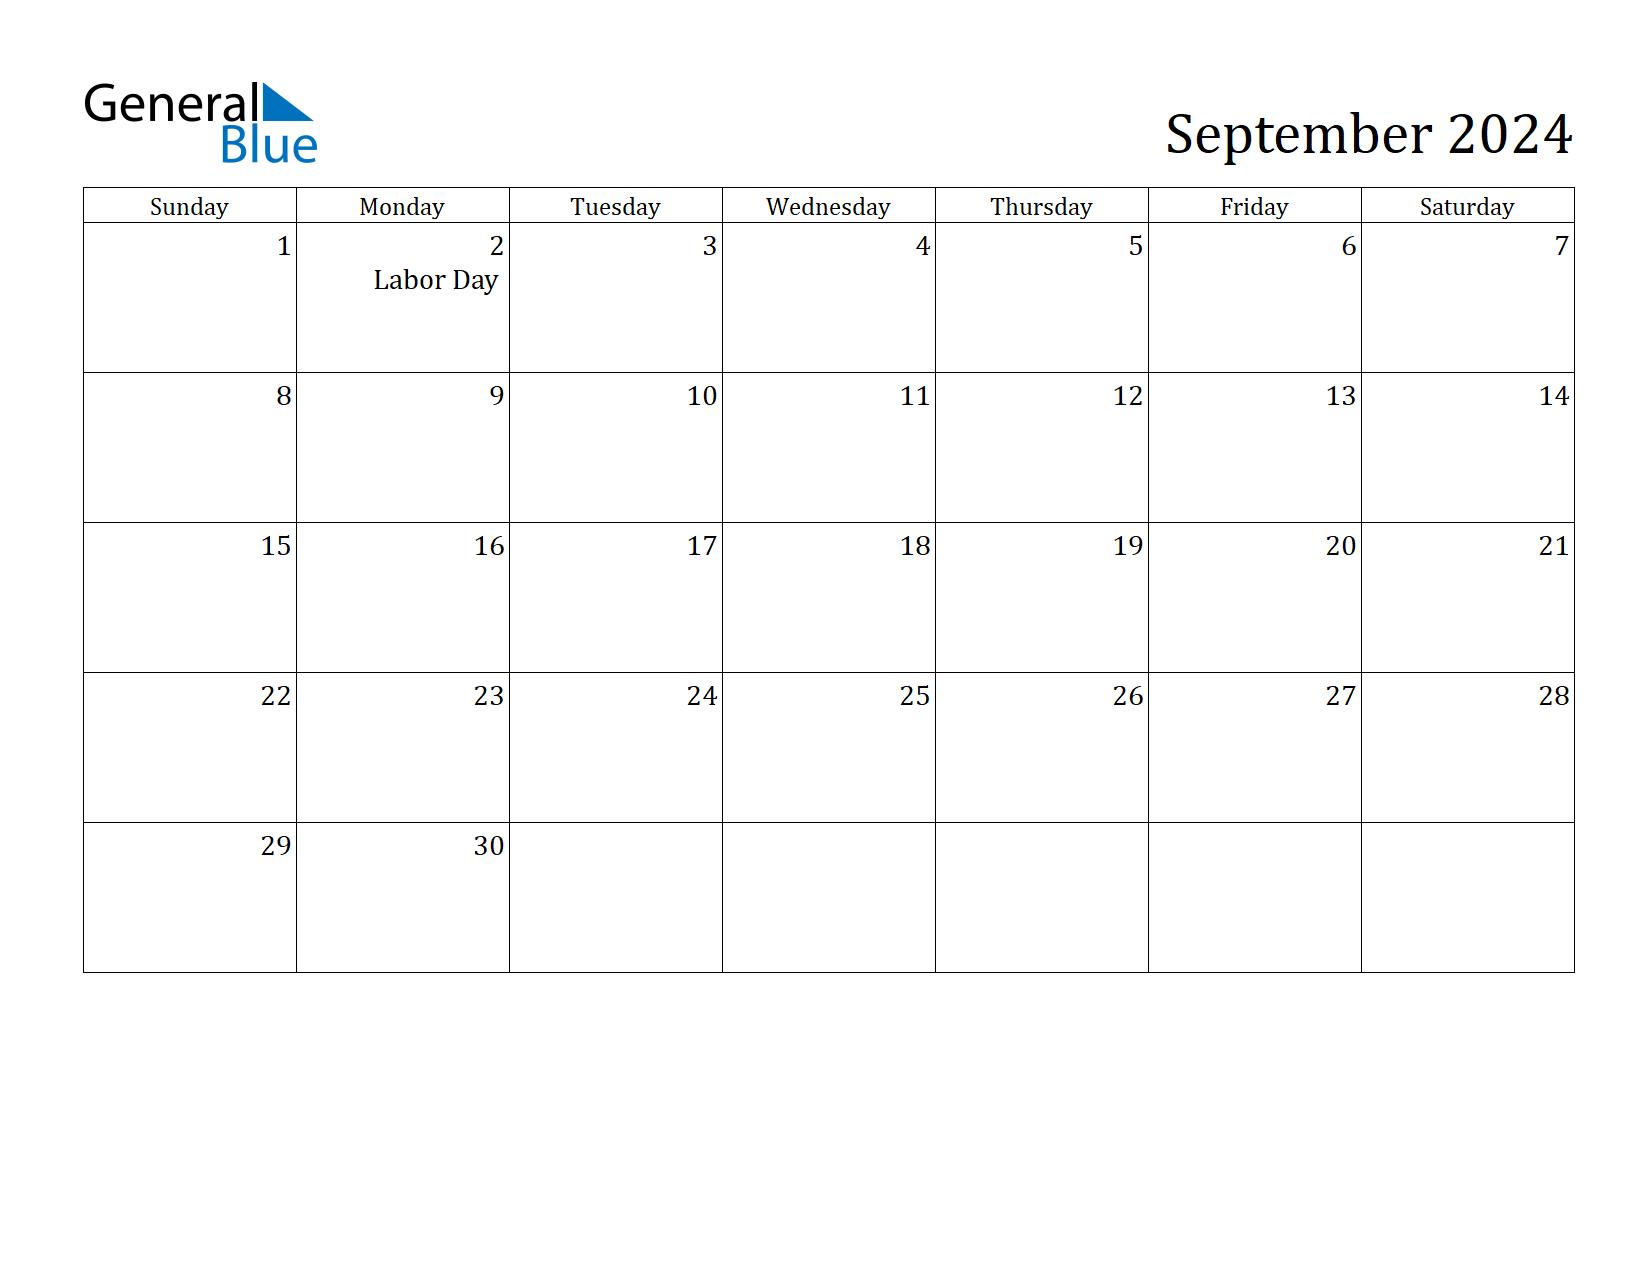 Image of September 2024 Calendar